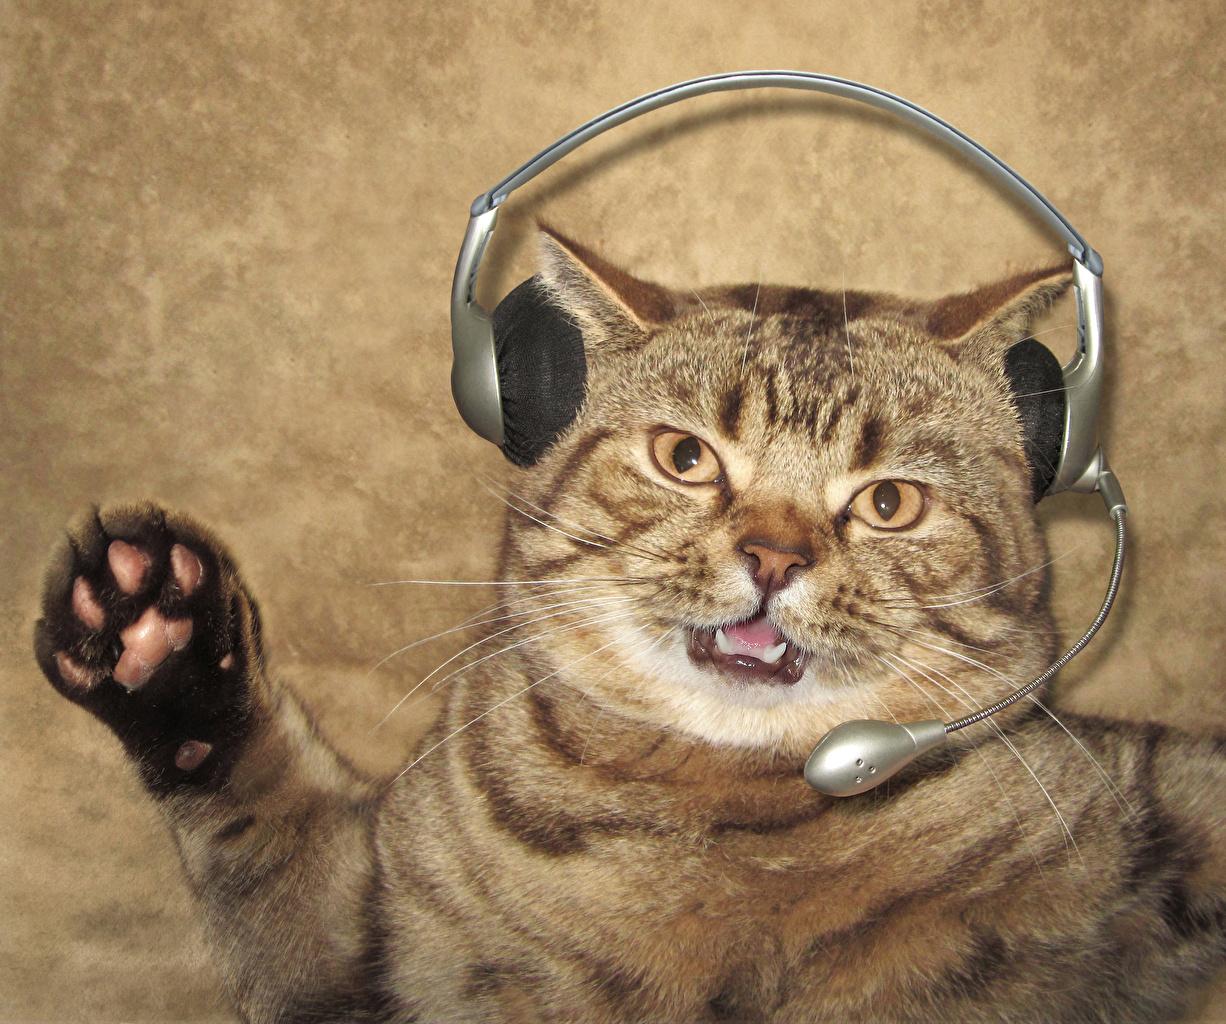 壁紙 クリエイティブ 飼い猫 おもしろい ヘッドフォン